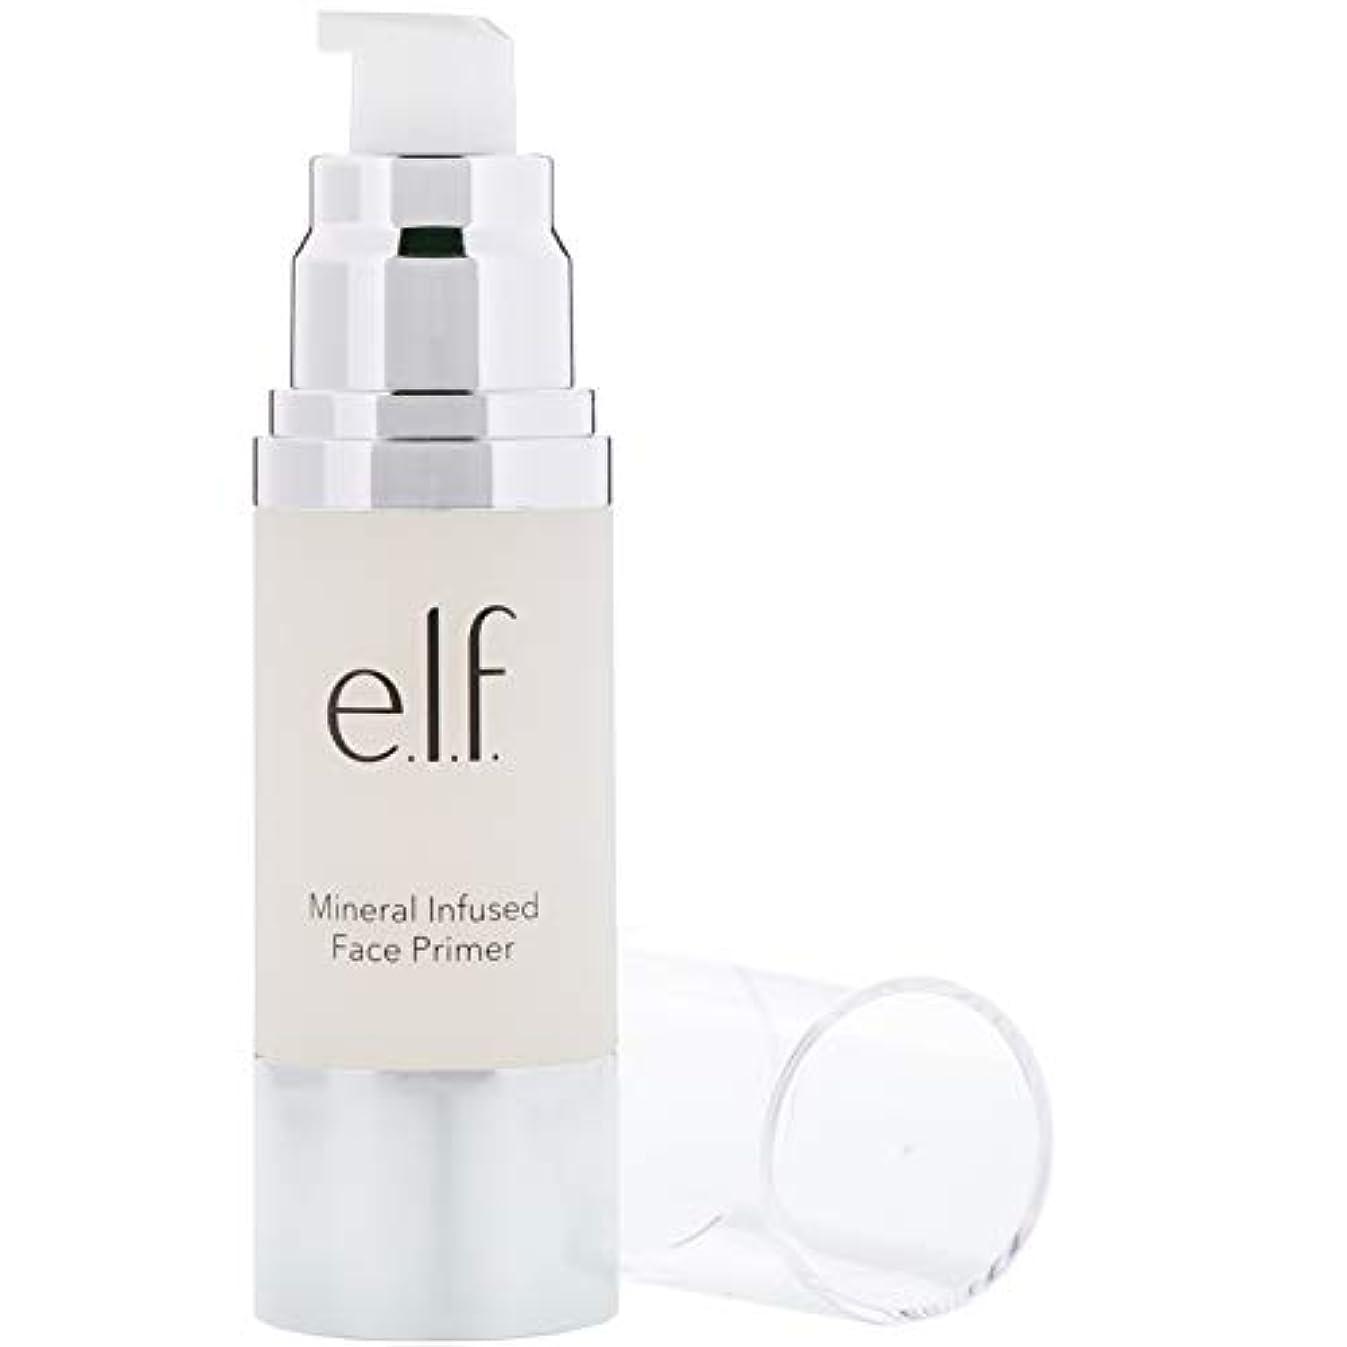 シャンパン調和のとれた置換e.l.f. Mineral Infused Face Primer Large - Clear (並行輸入品)